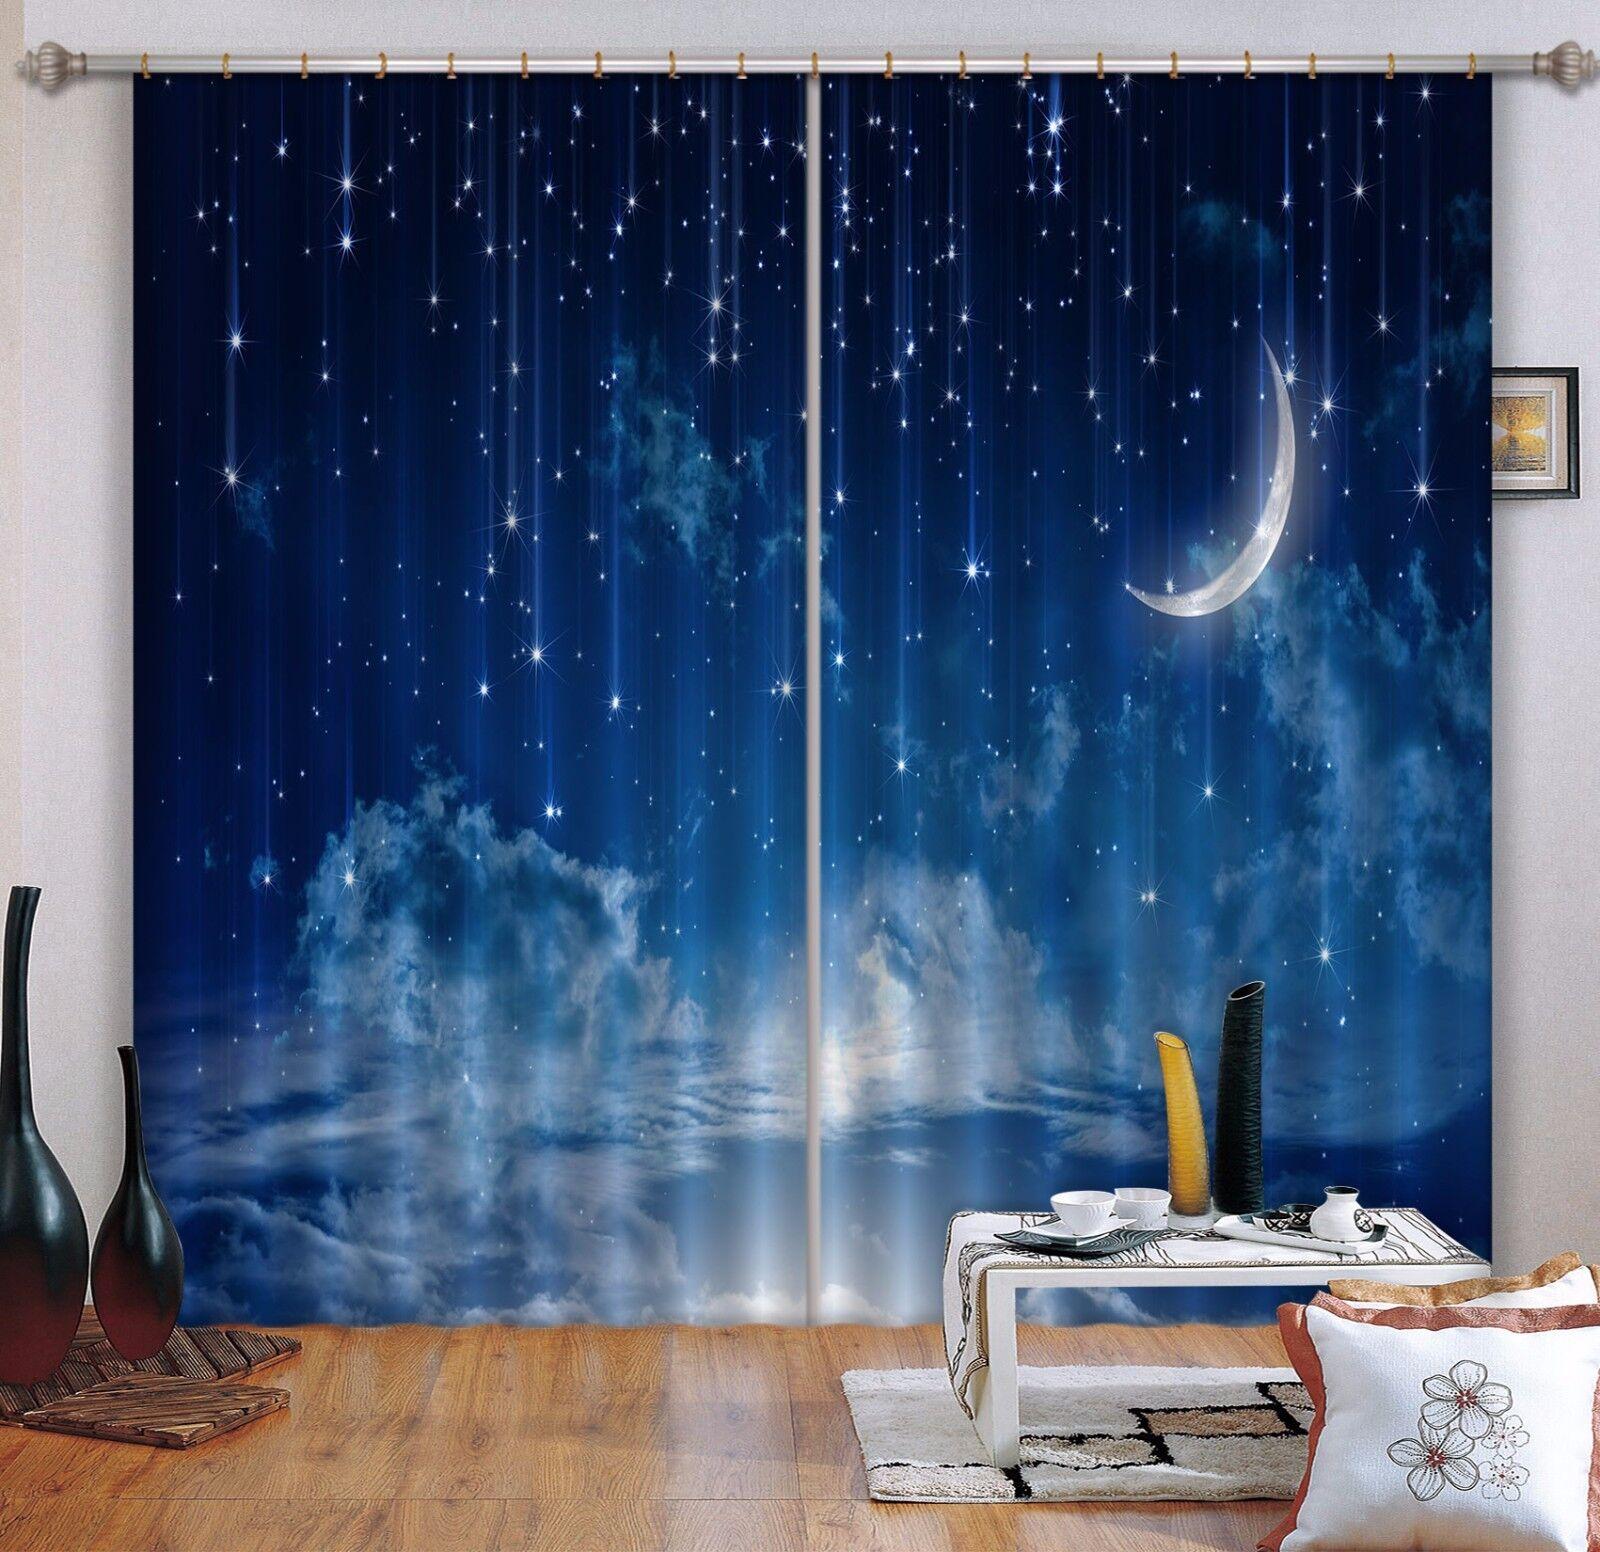 Cielo Estrellas 3D 10 Cortinas de impresión de cortina de foto Blockout Tela Cortinas Ventana au